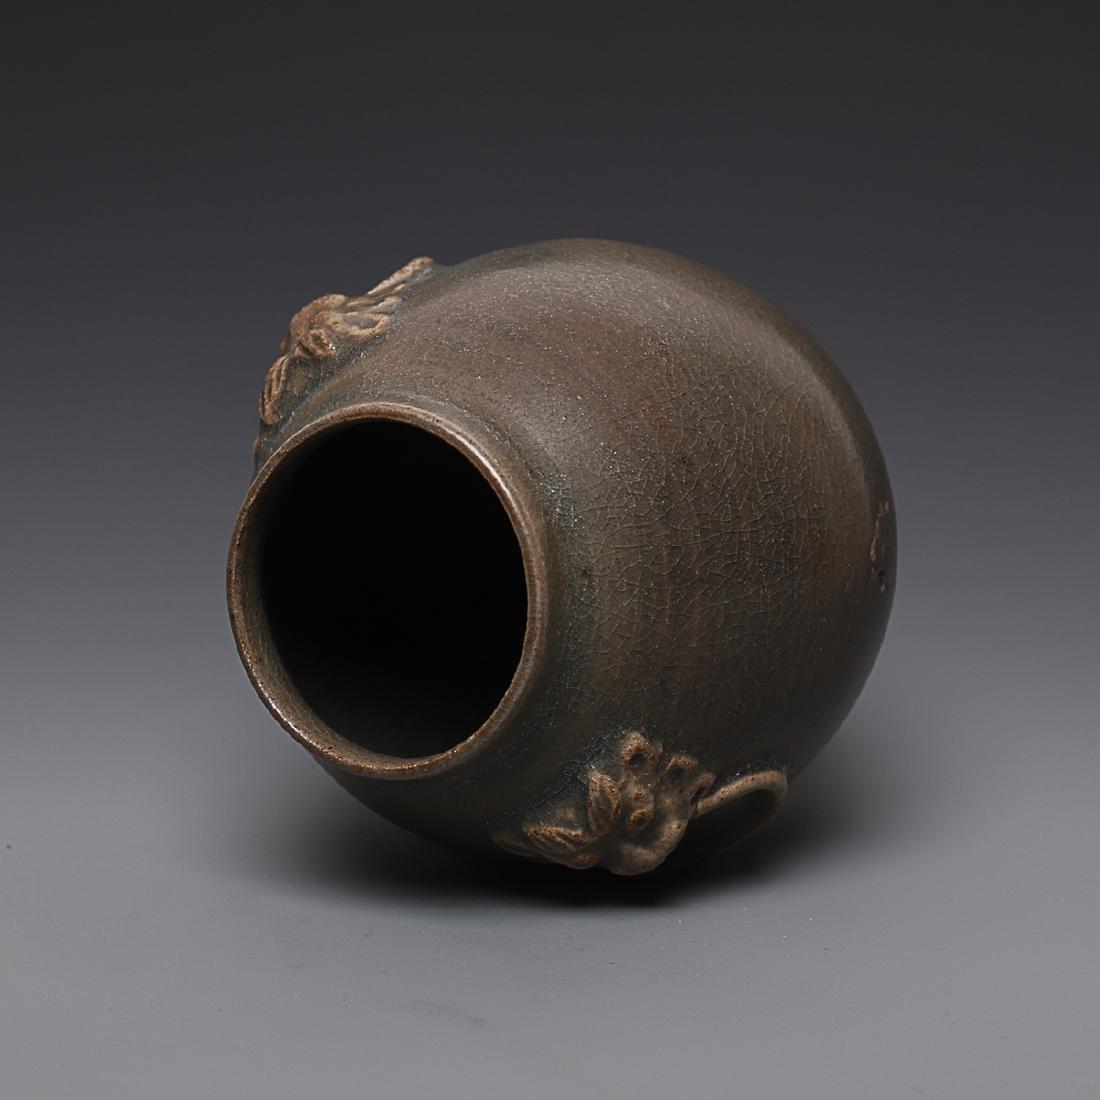 Vintage Chinese Porcelain Jar - 5